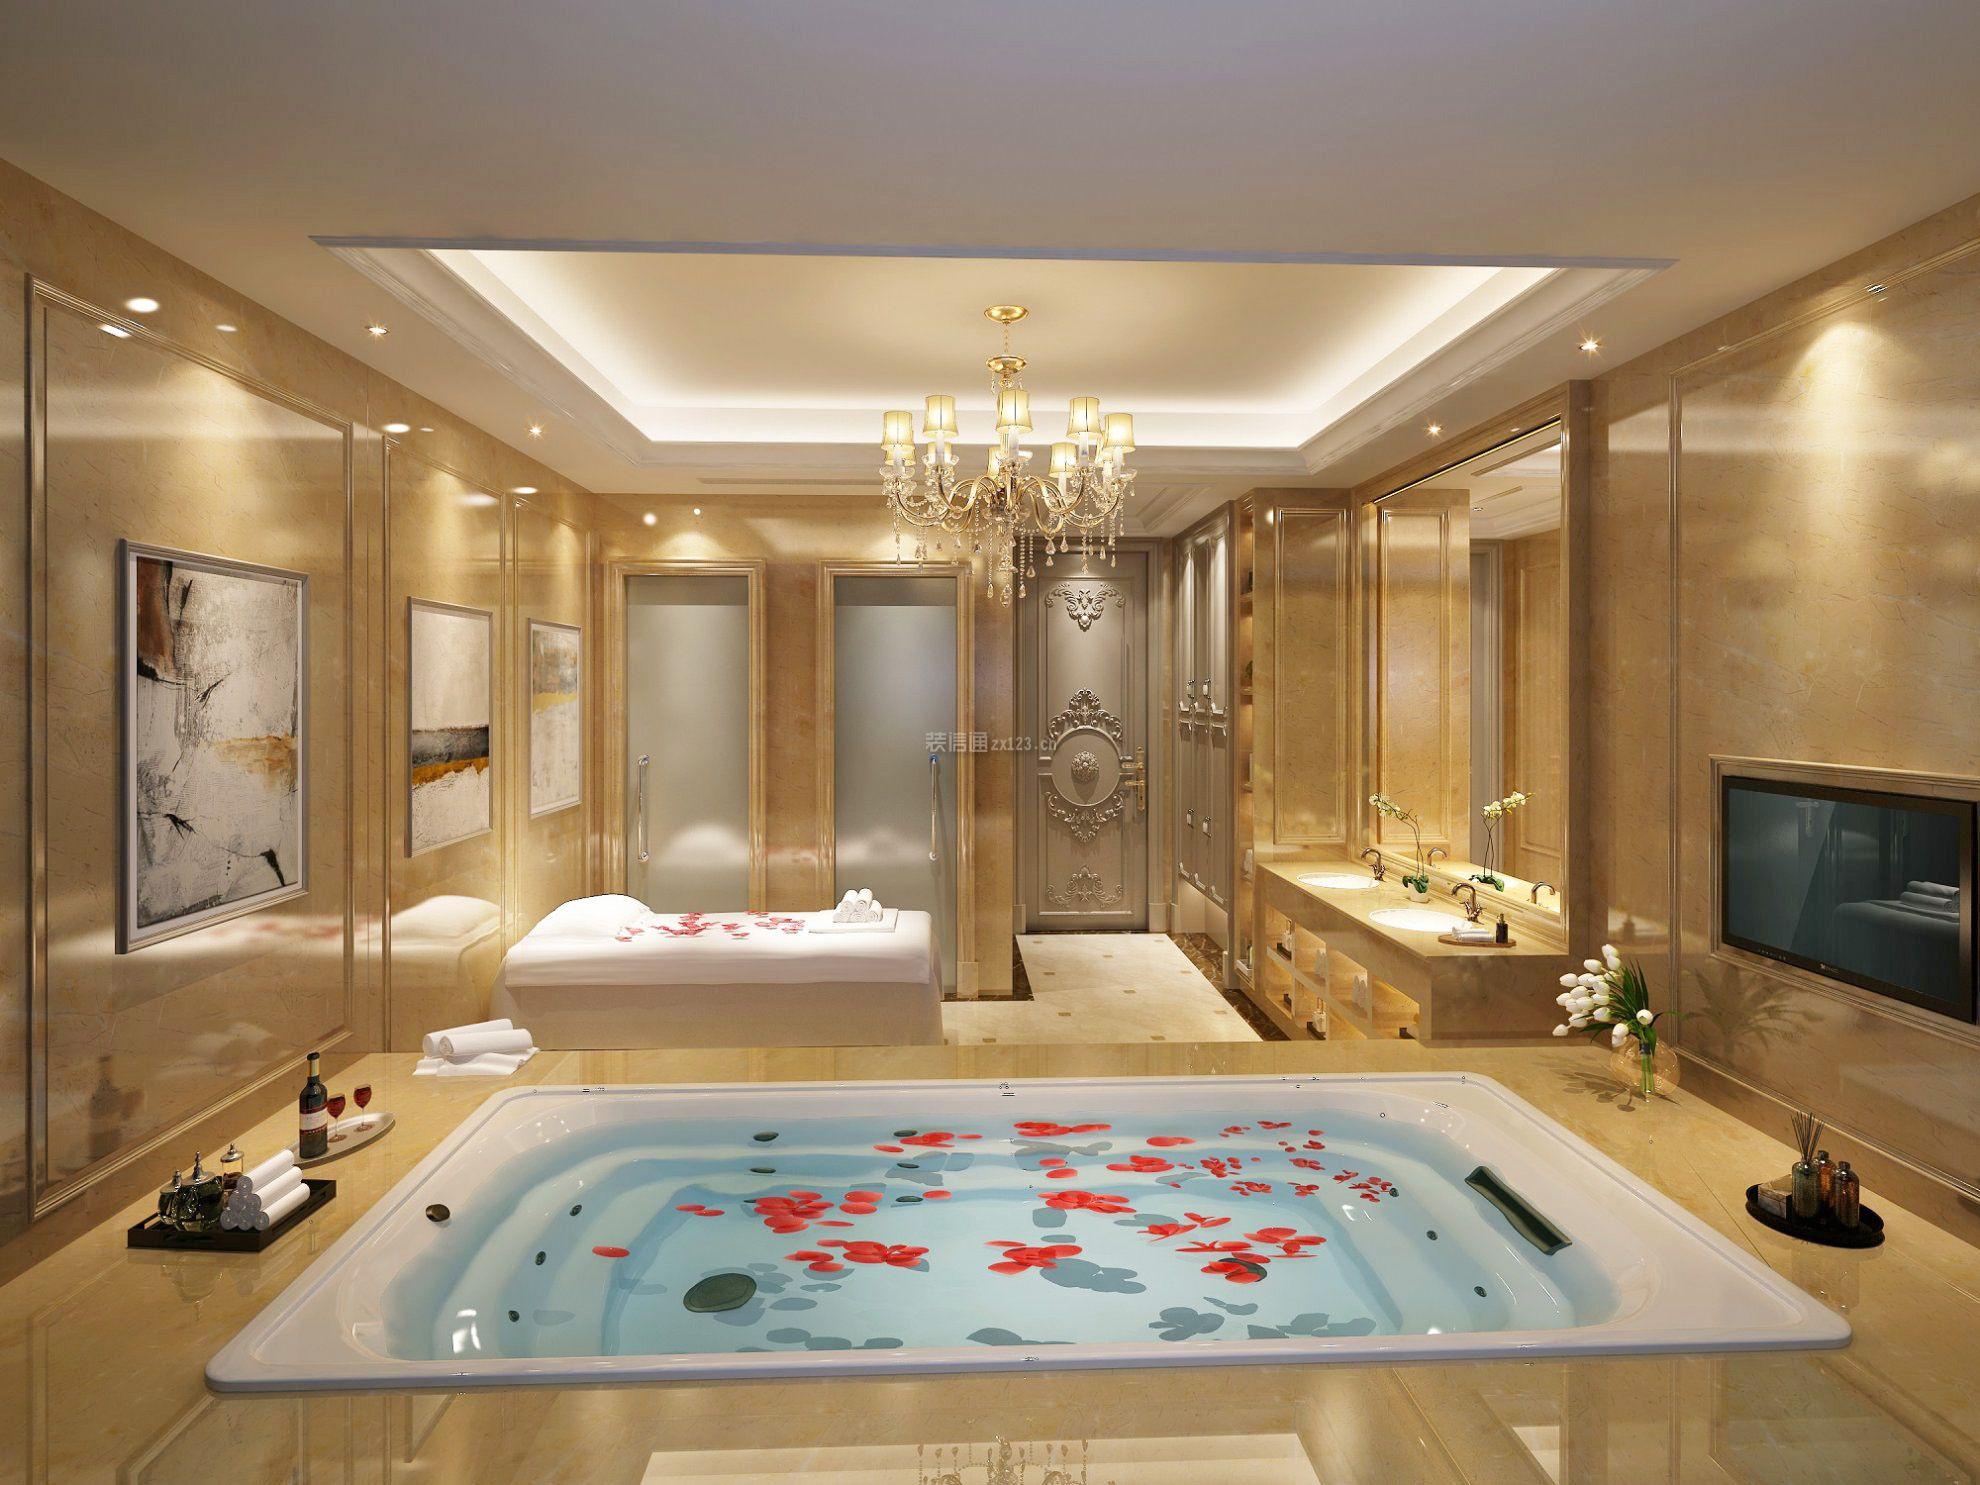 法式家居别墅浴室装饰图片大全欣赏_装修123效果图